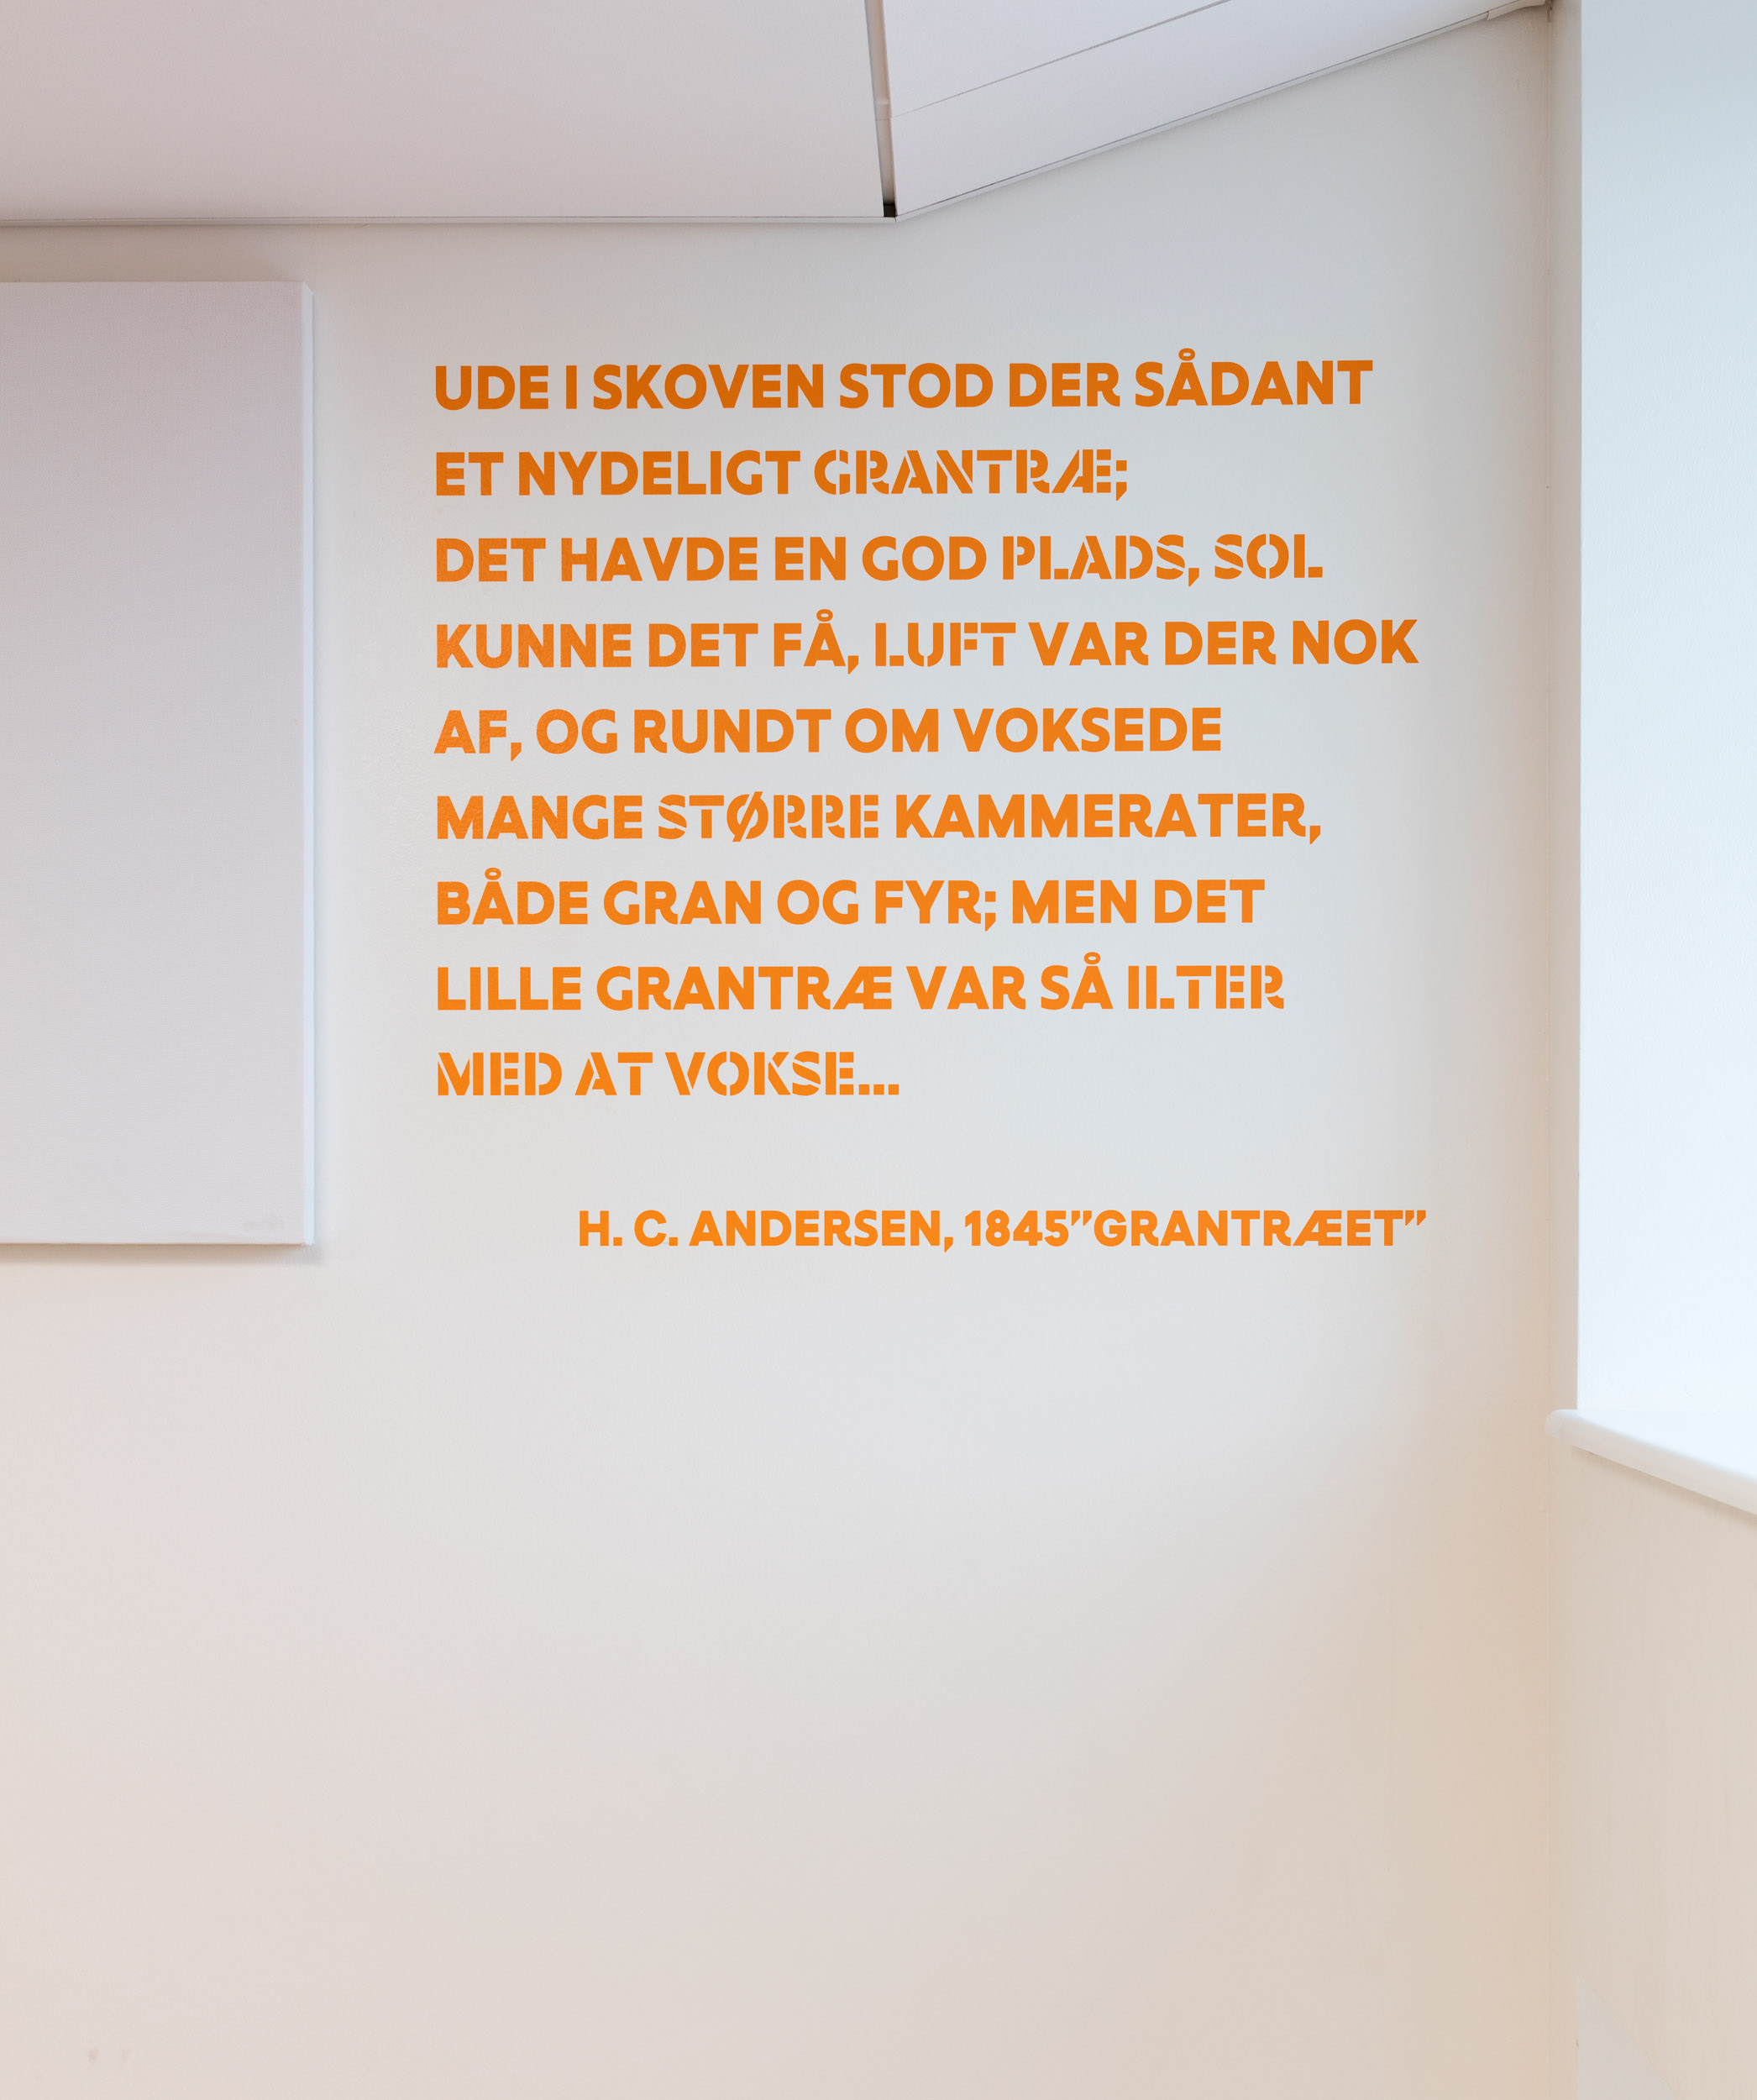 HLA_Frederiksbjerg_Skole_Wayfinding_038.jpg